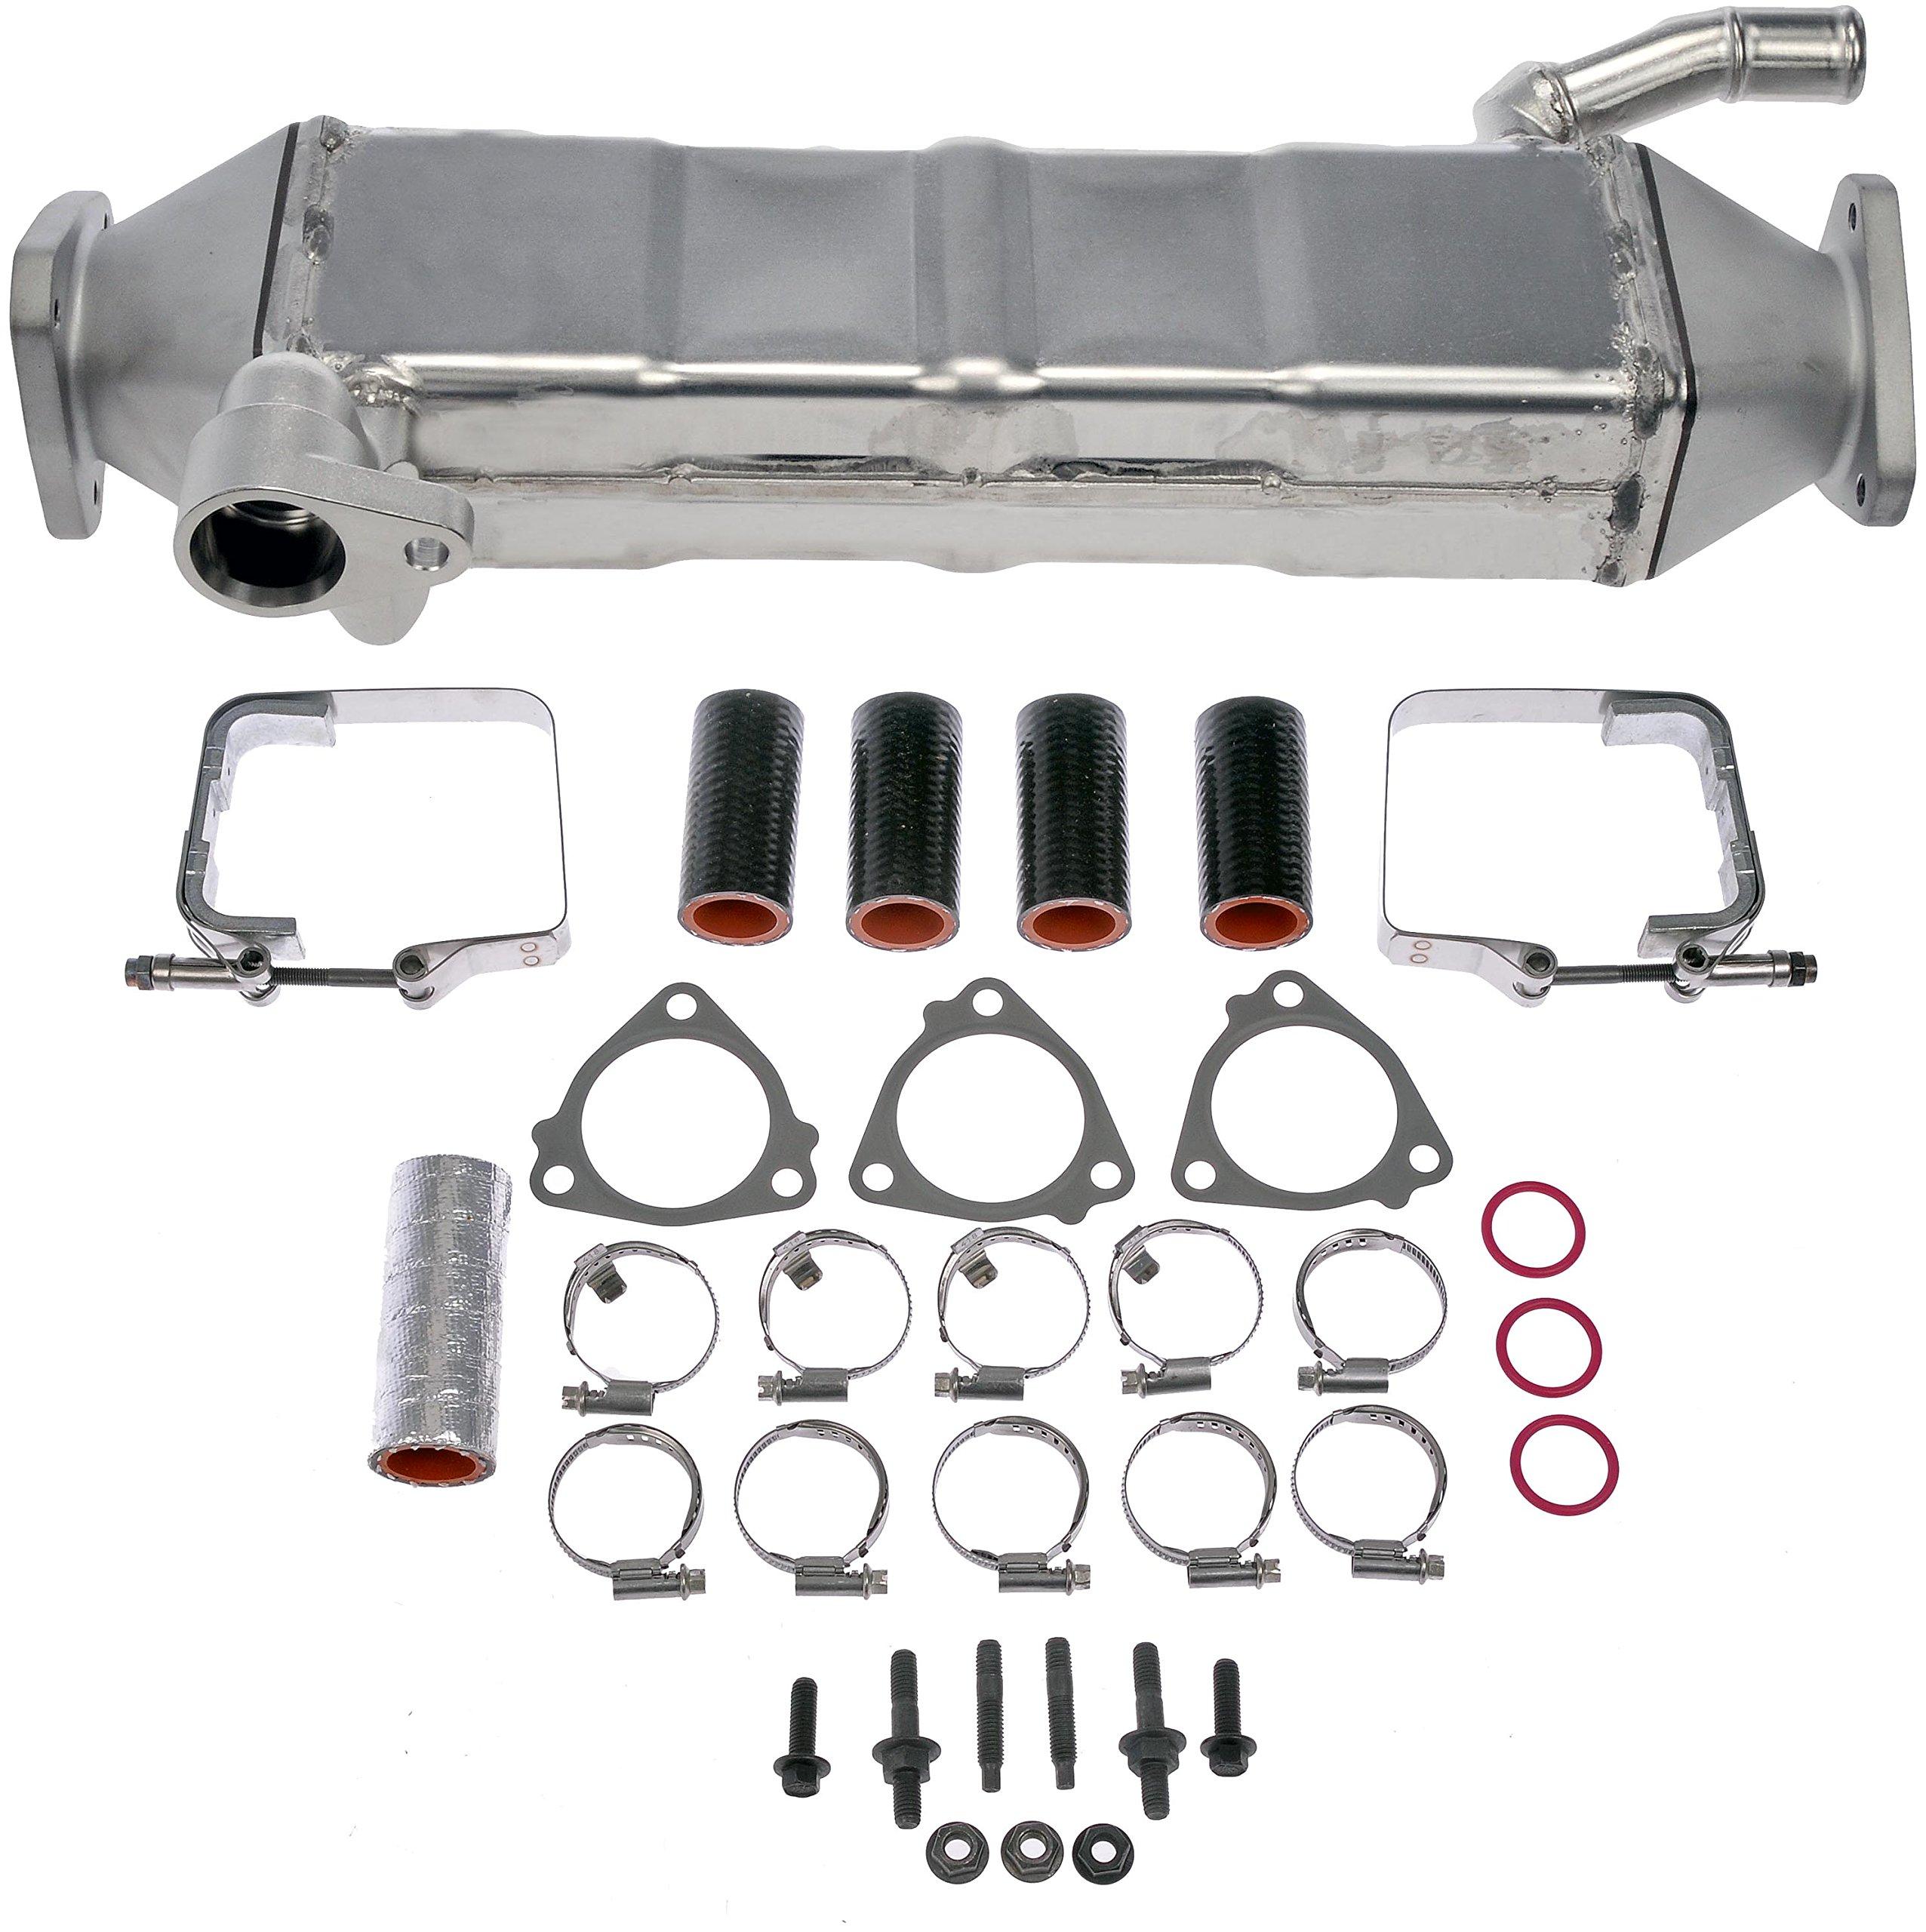 Dorman 904-5032 Exhaust Gas Recirculation Cooler